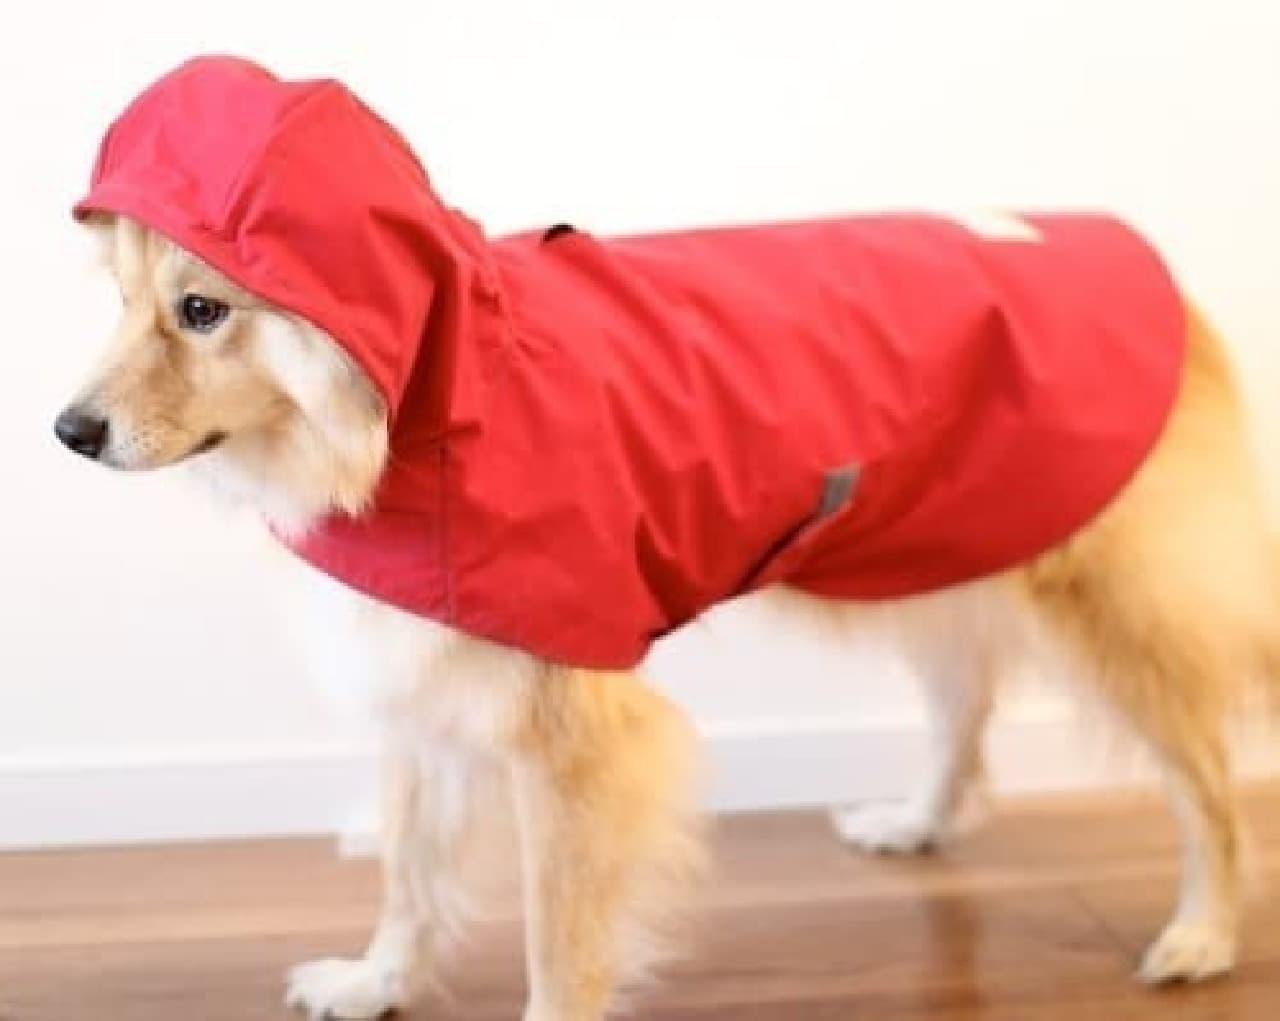 もうじき、梅雨ですね…。